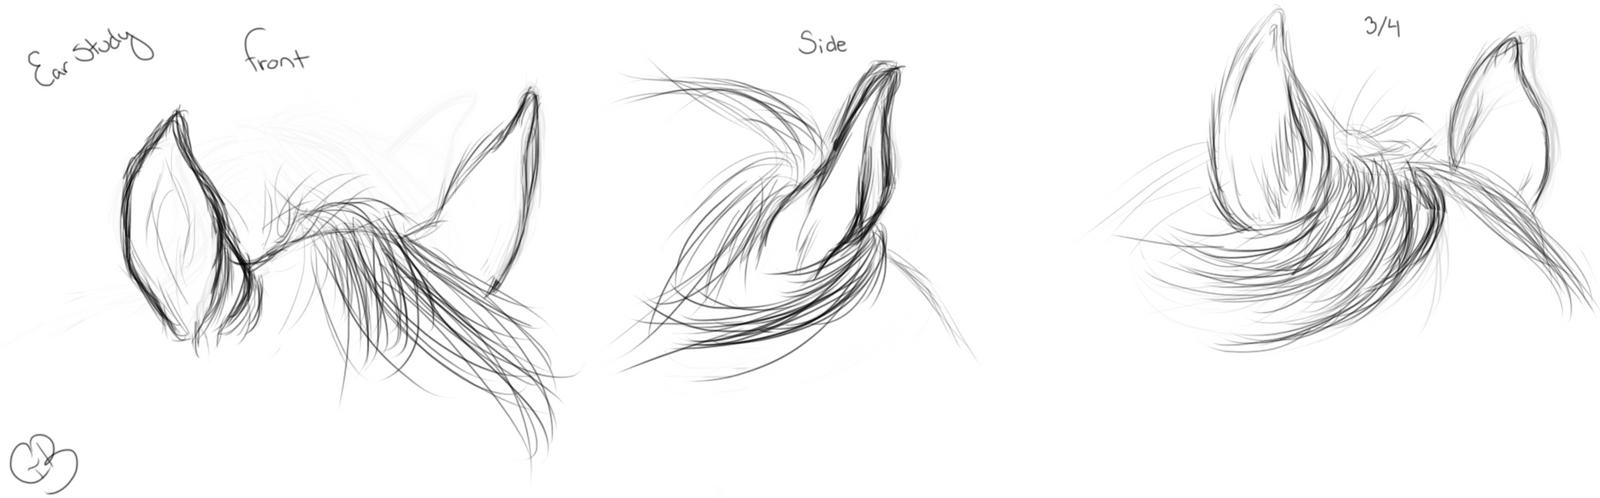 horse face sketches